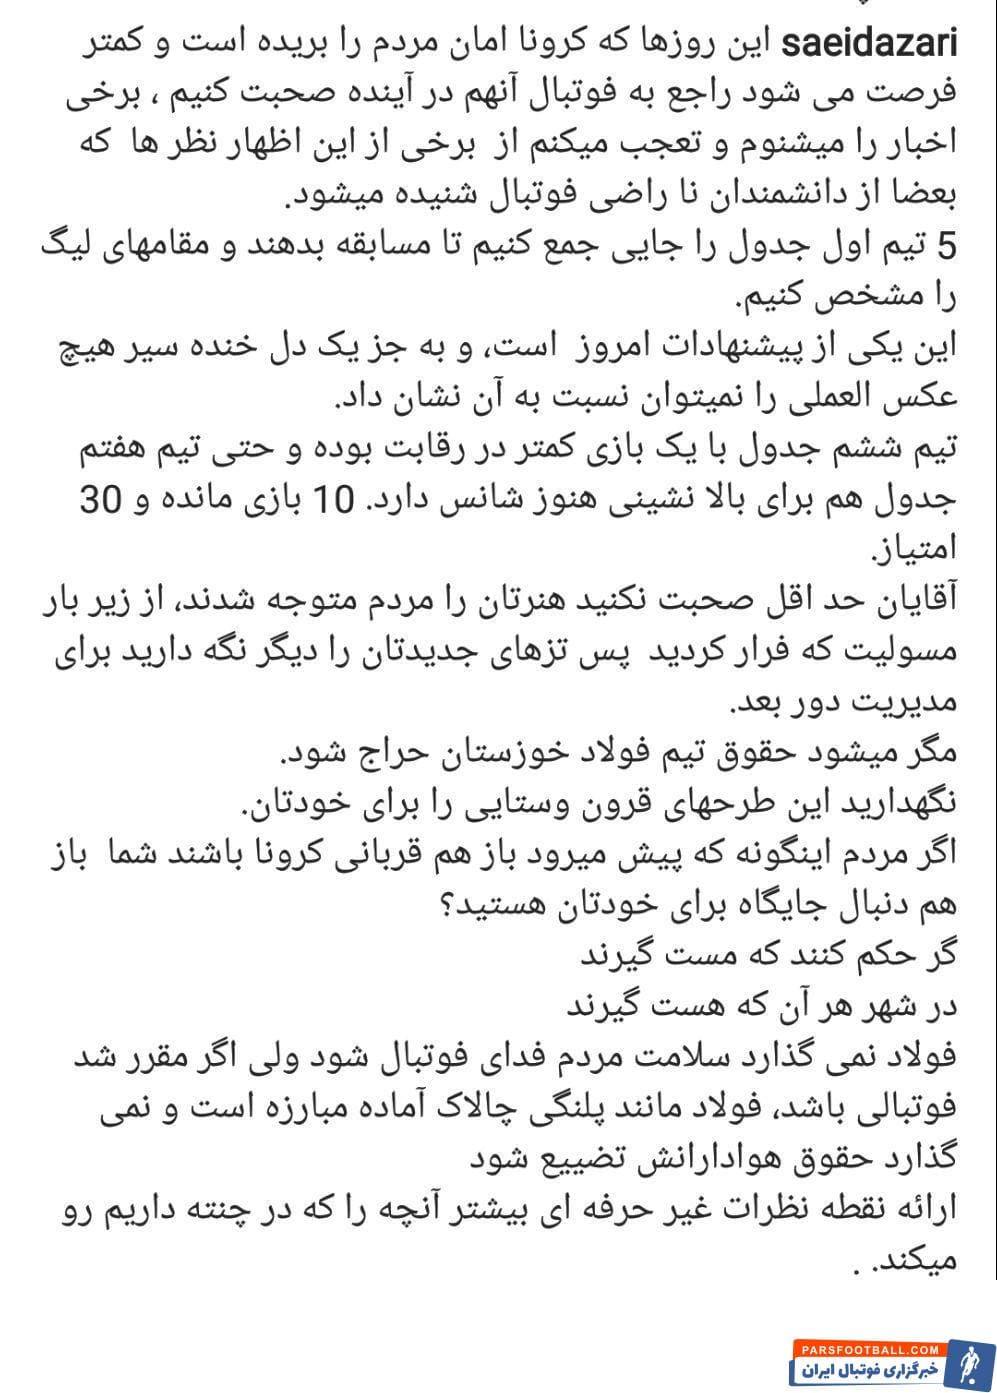 سعید آذری میگوید که فولاد خوزستان مخالف فدا شدن سلامت مردم برای فوتبال است و در صورت برگزاری مسابقات، آماده نبرد با هر تیمی خواهد بود.